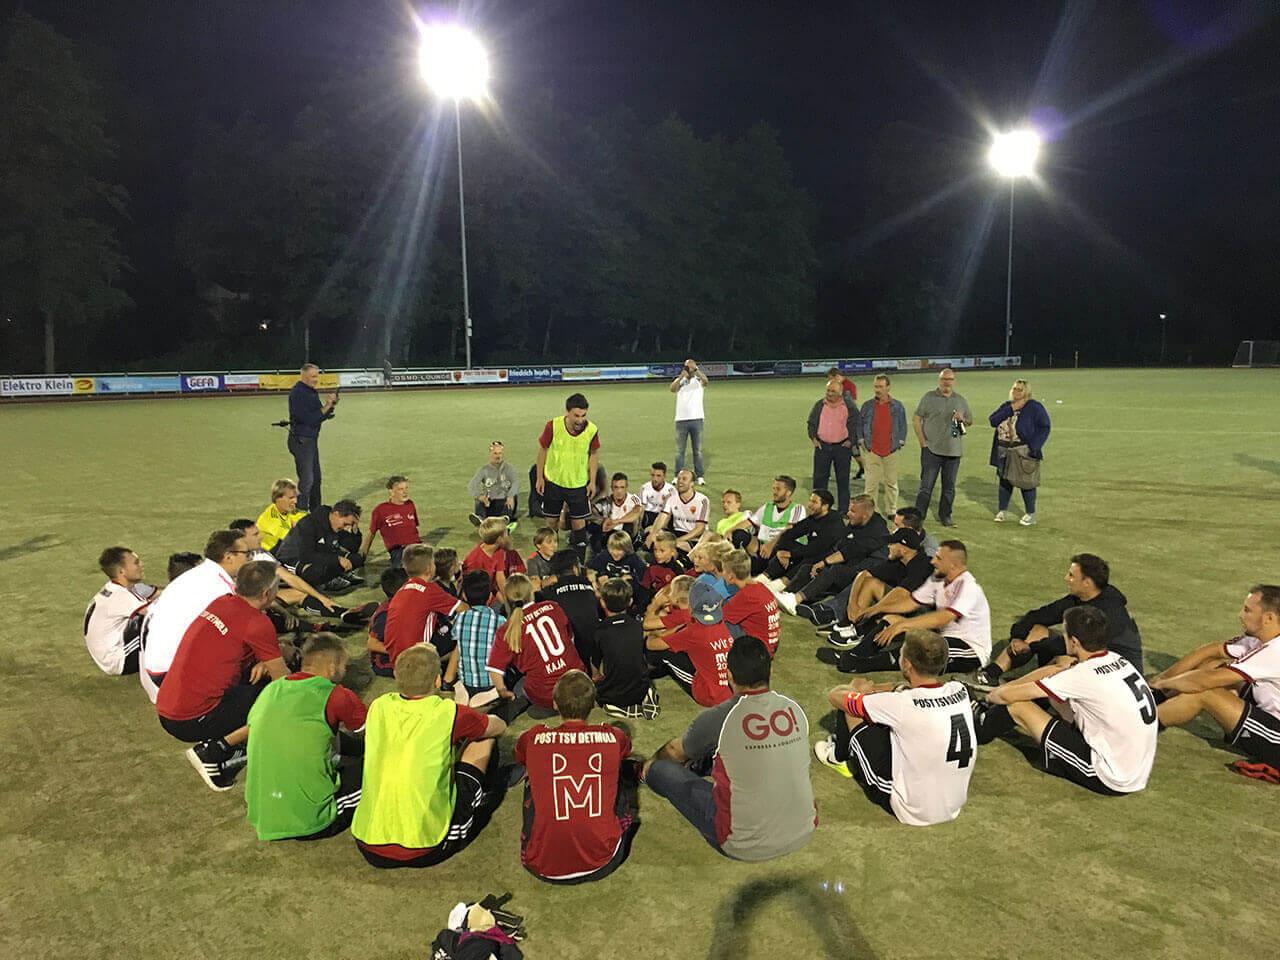 Post TSV Detmold nach dem 5:4 Sieg im Elfmeterschießen gegen RW Ahlen